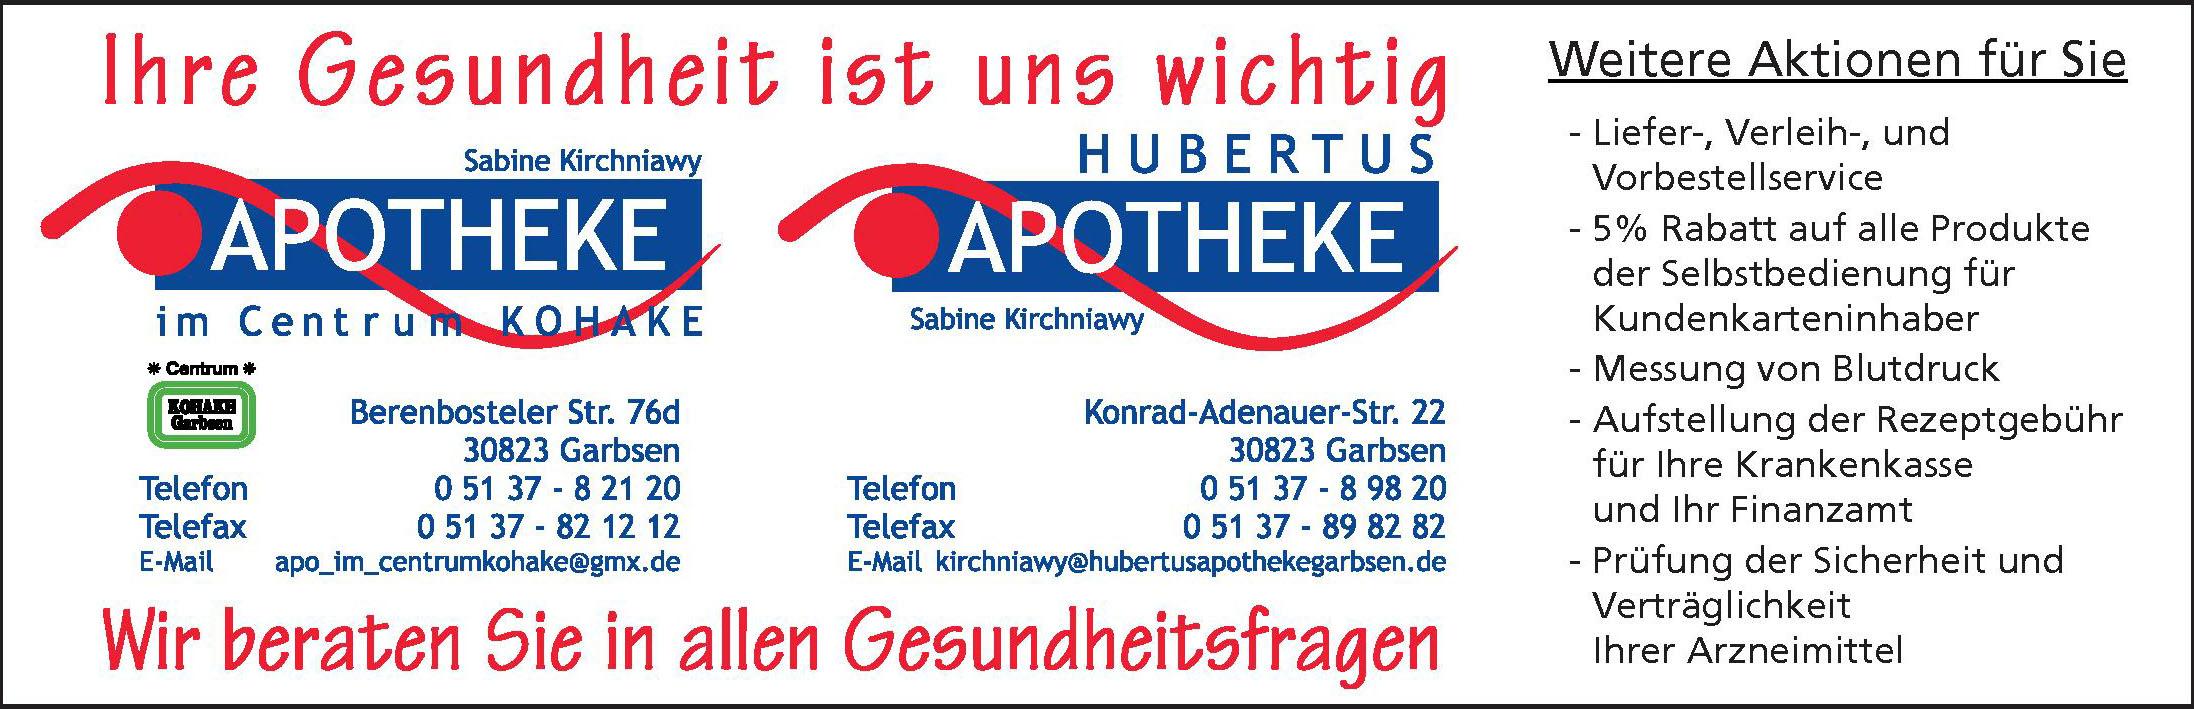 Hubertus Apotheke Garbsen